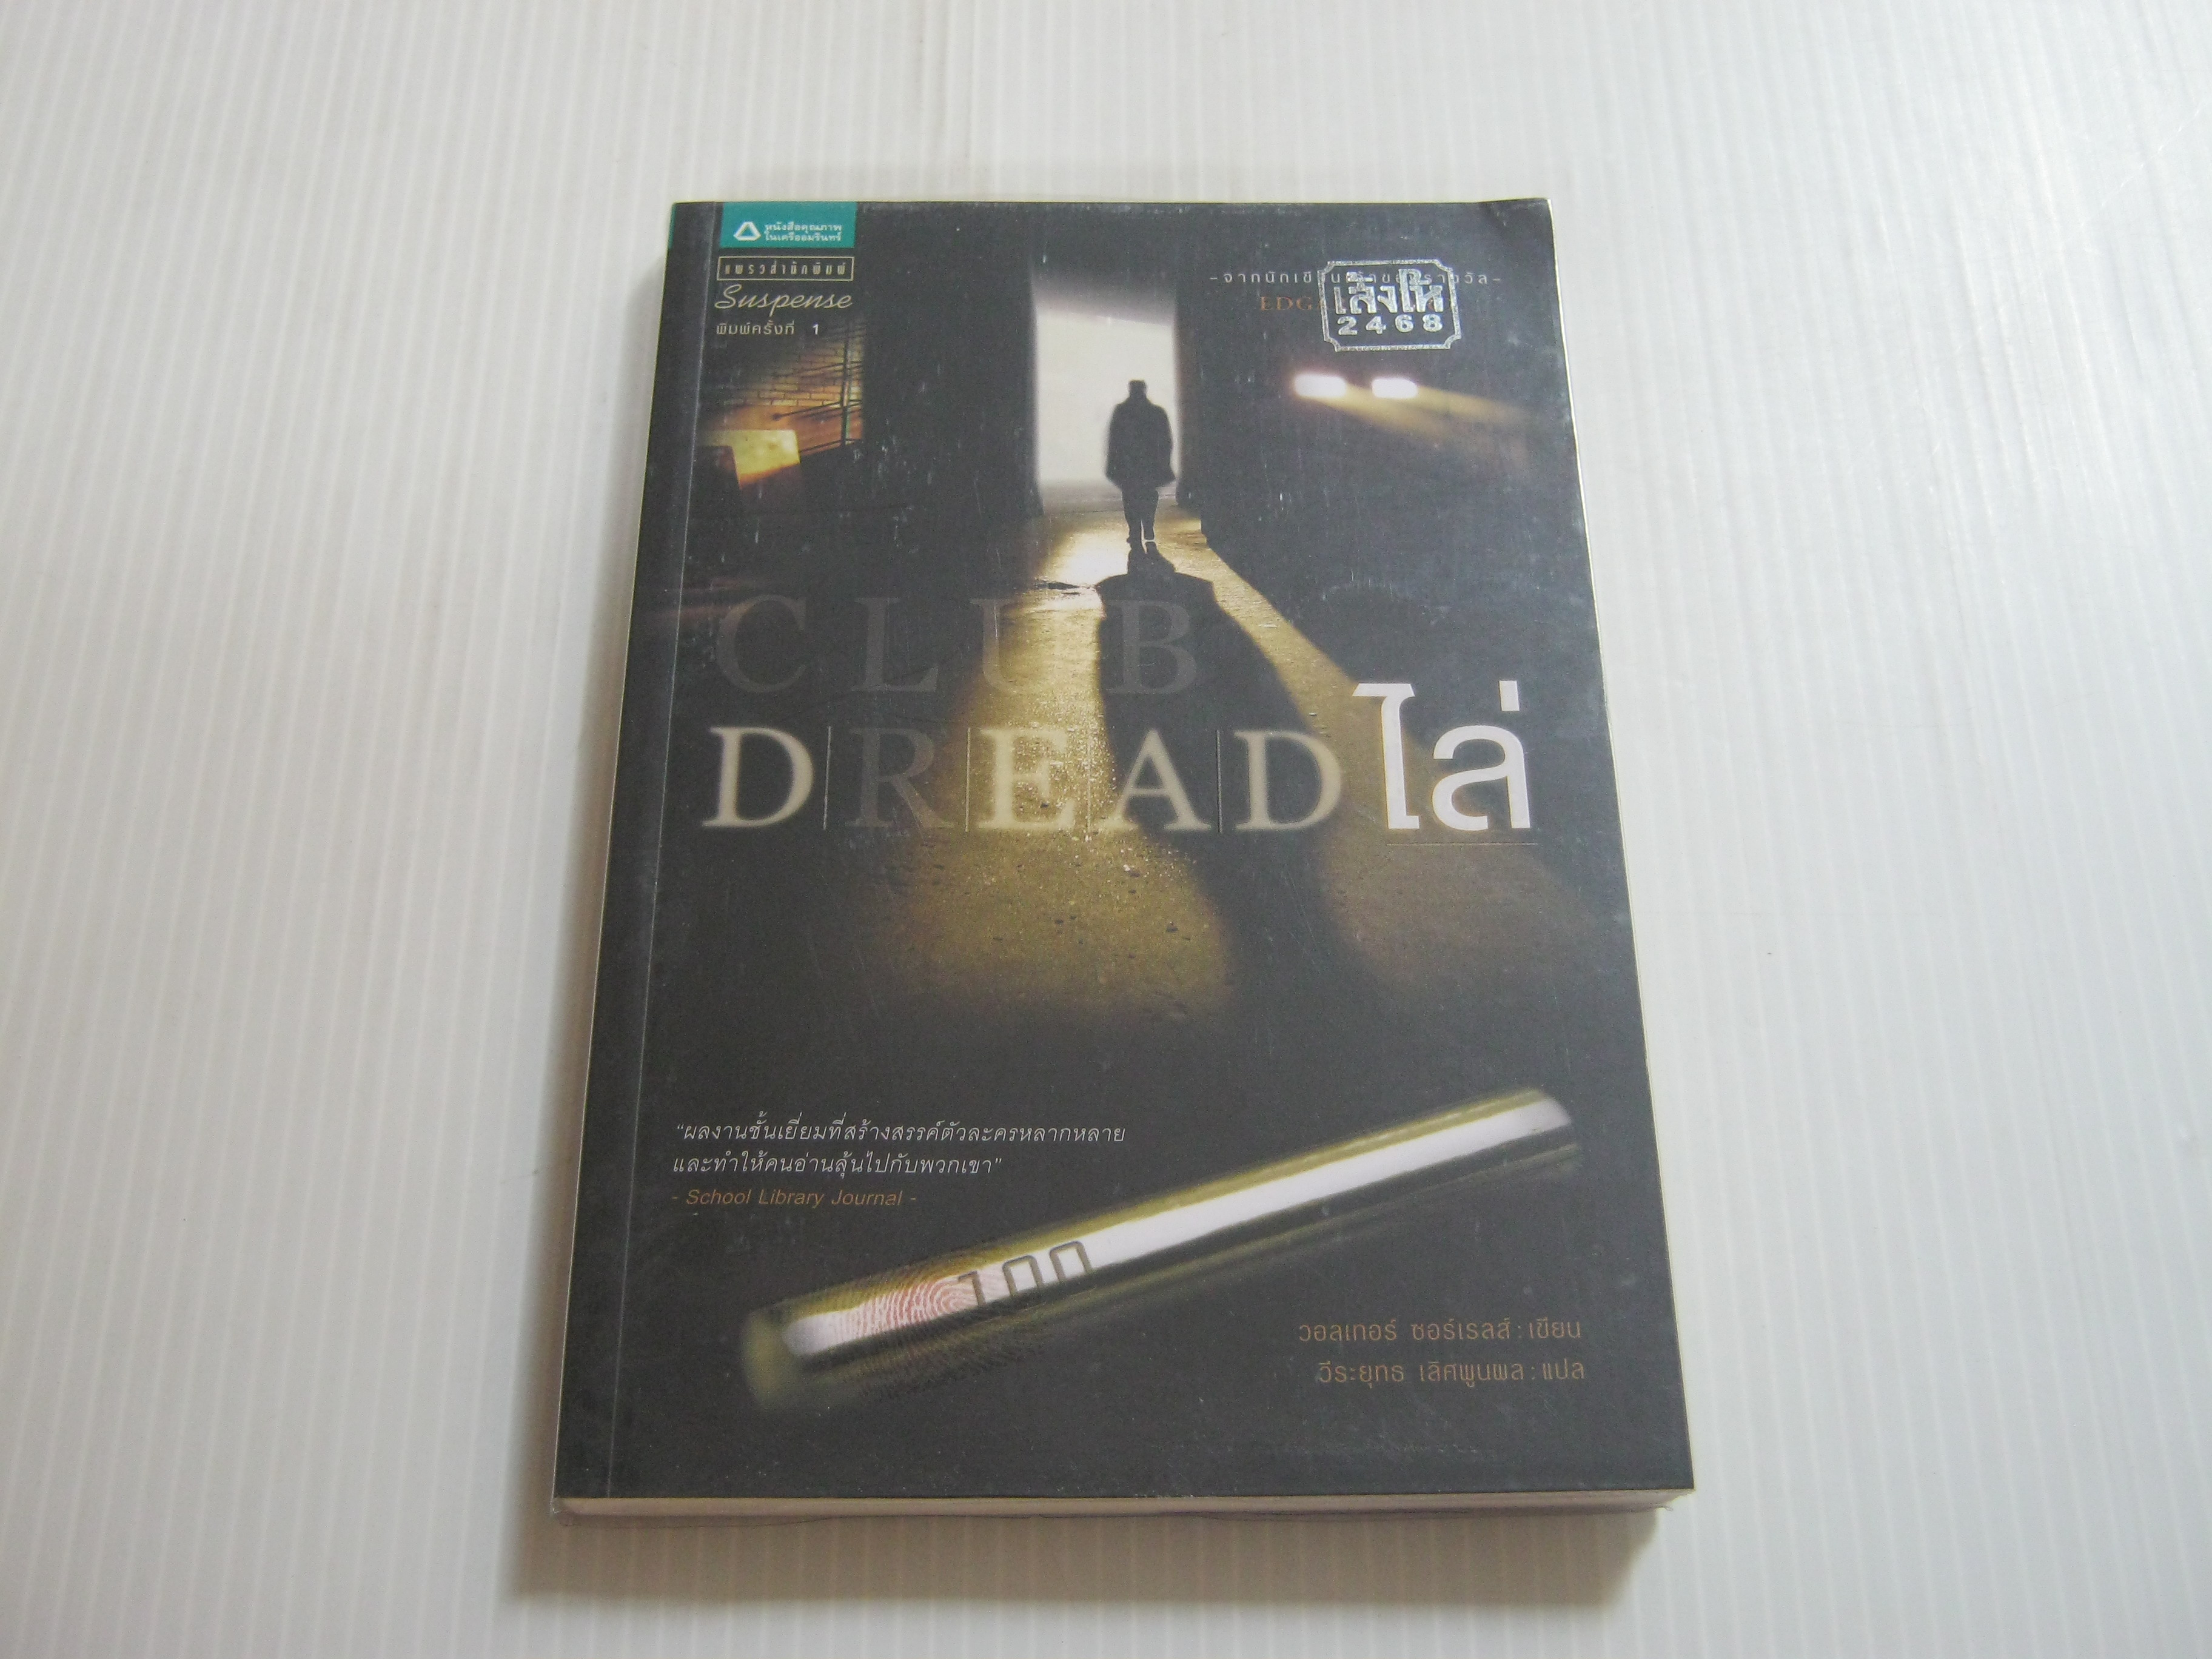 ไล่ (Club Dead) วอลเตอร์ ซอร์เรลส์ เขียน วีระยุทธ เลิศพูนผล แปล